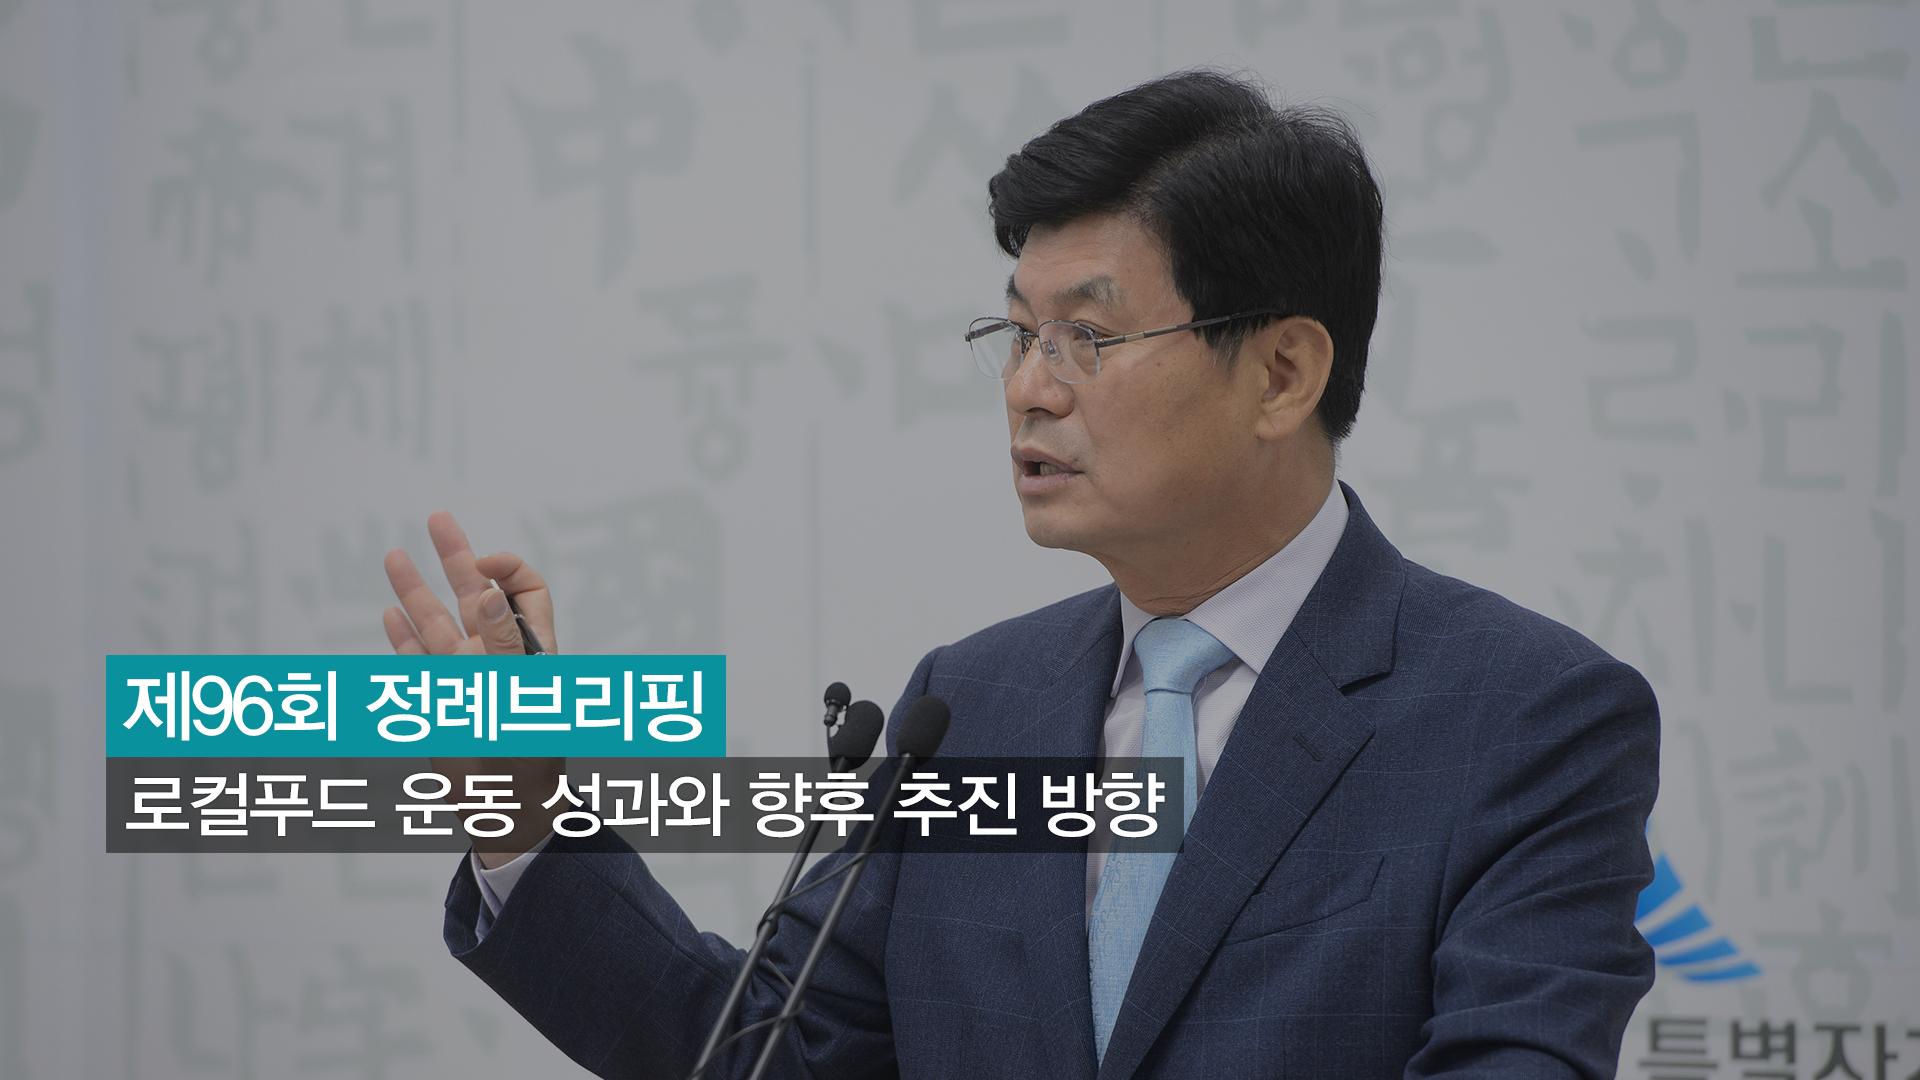 <제96회 정례브리핑> 로컬푸드 운동 성과와 향후 추진 방향